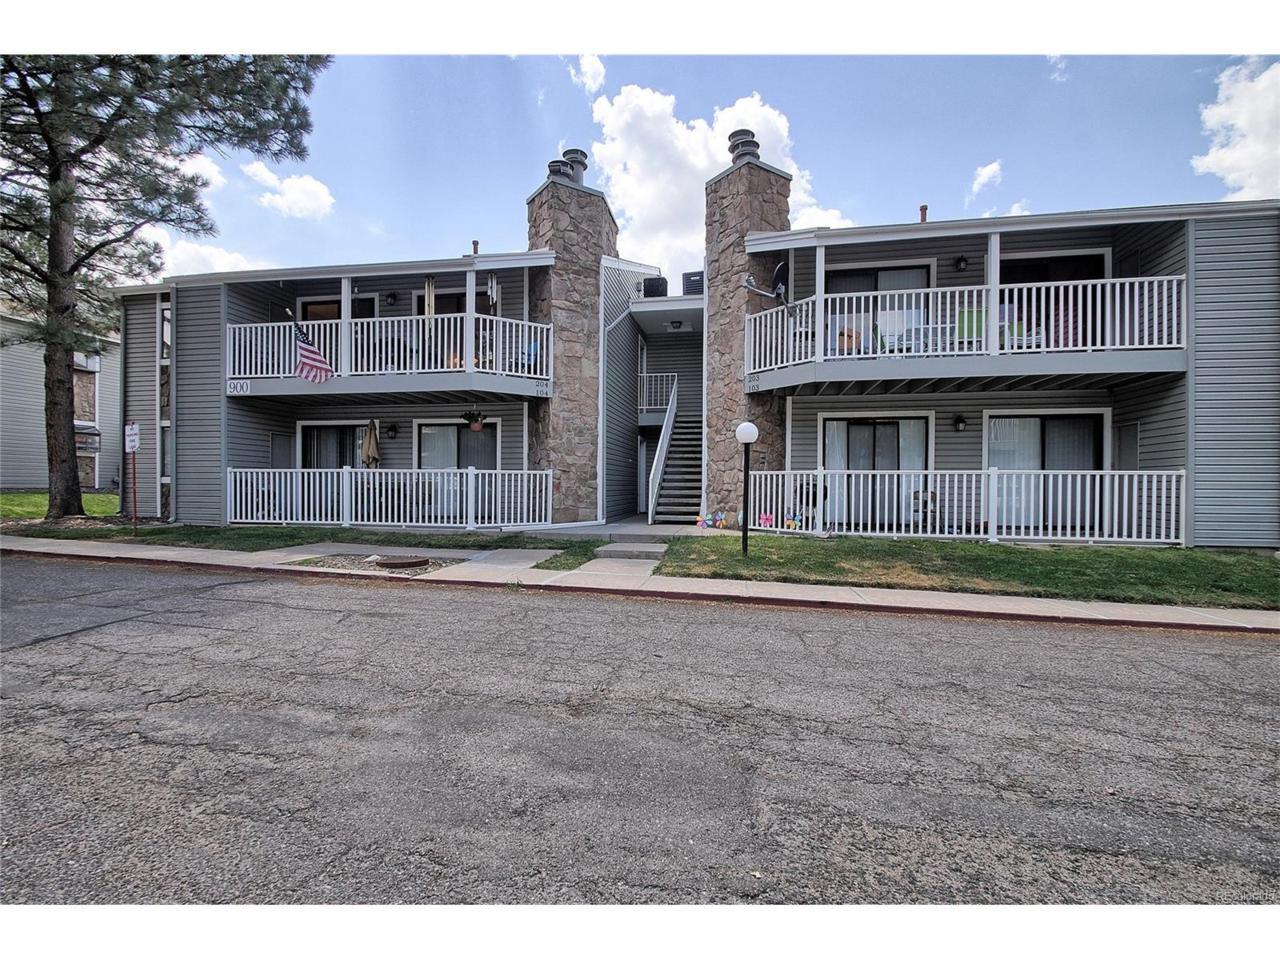 900 S Walden Way #204, Aurora, CO 80017 (MLS #3459705) :: 8z Real Estate